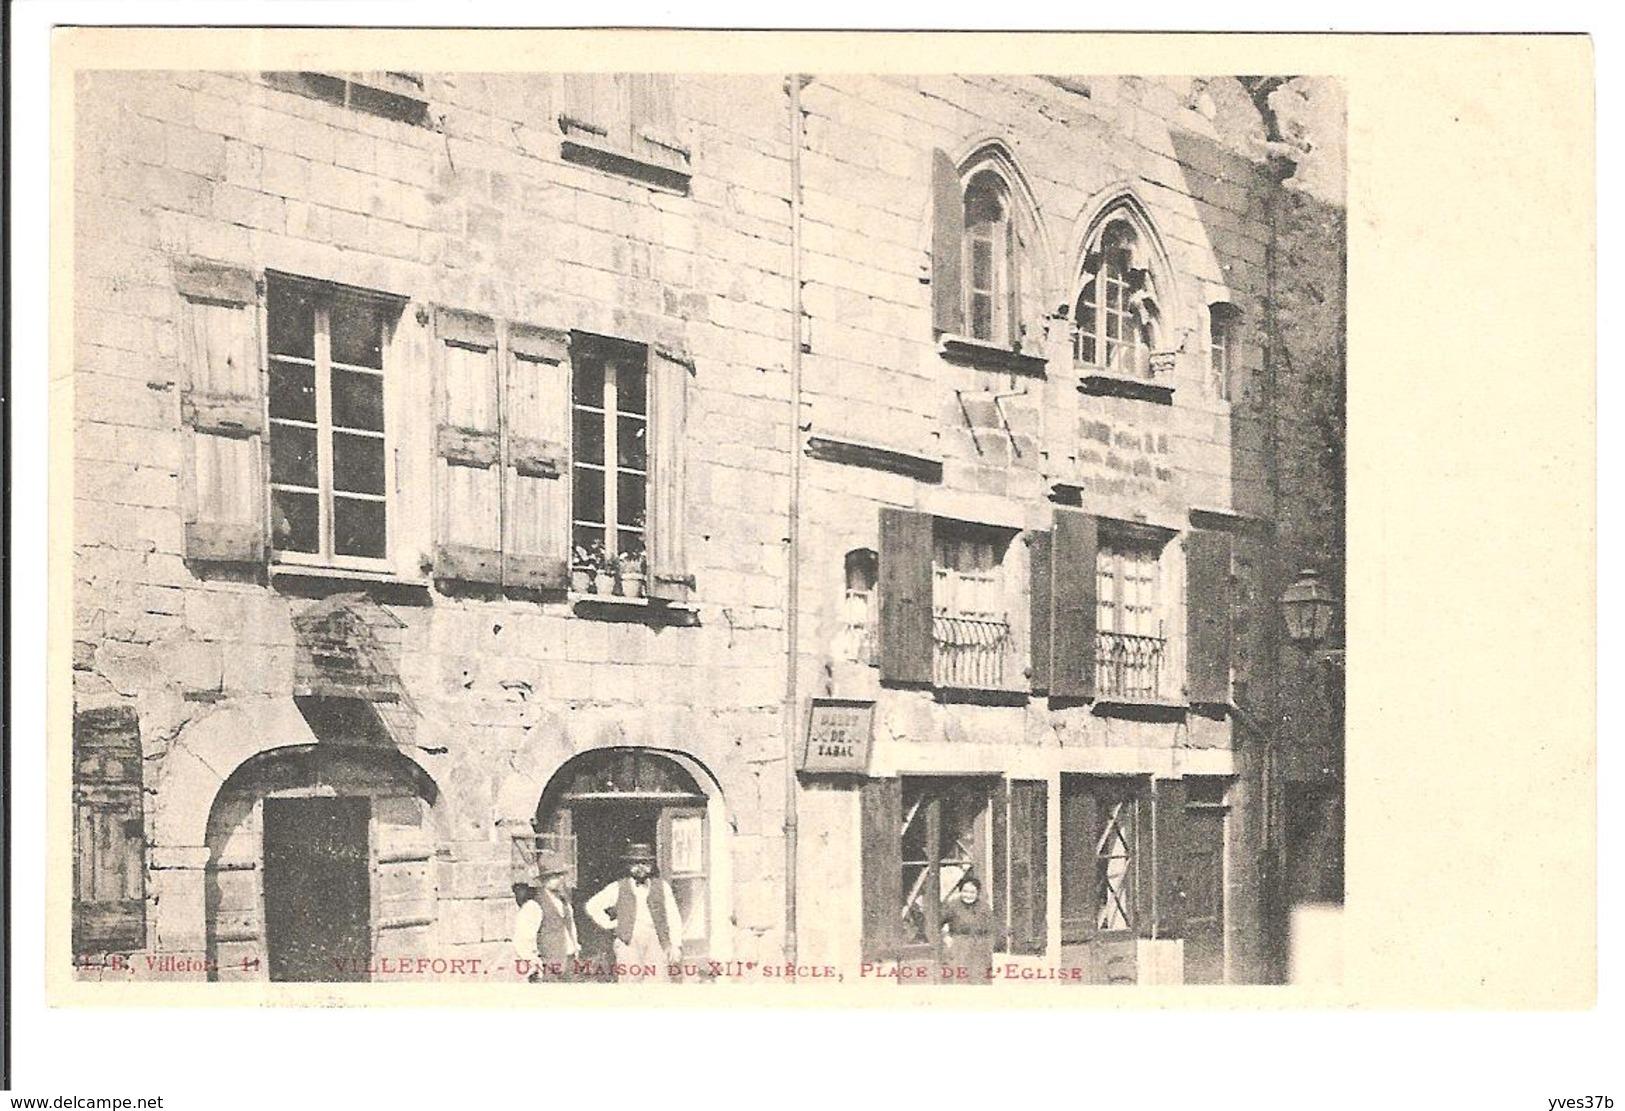 VILLEFORT - Une Maison Du XIIe Siècle, Place De L'église - Villefort